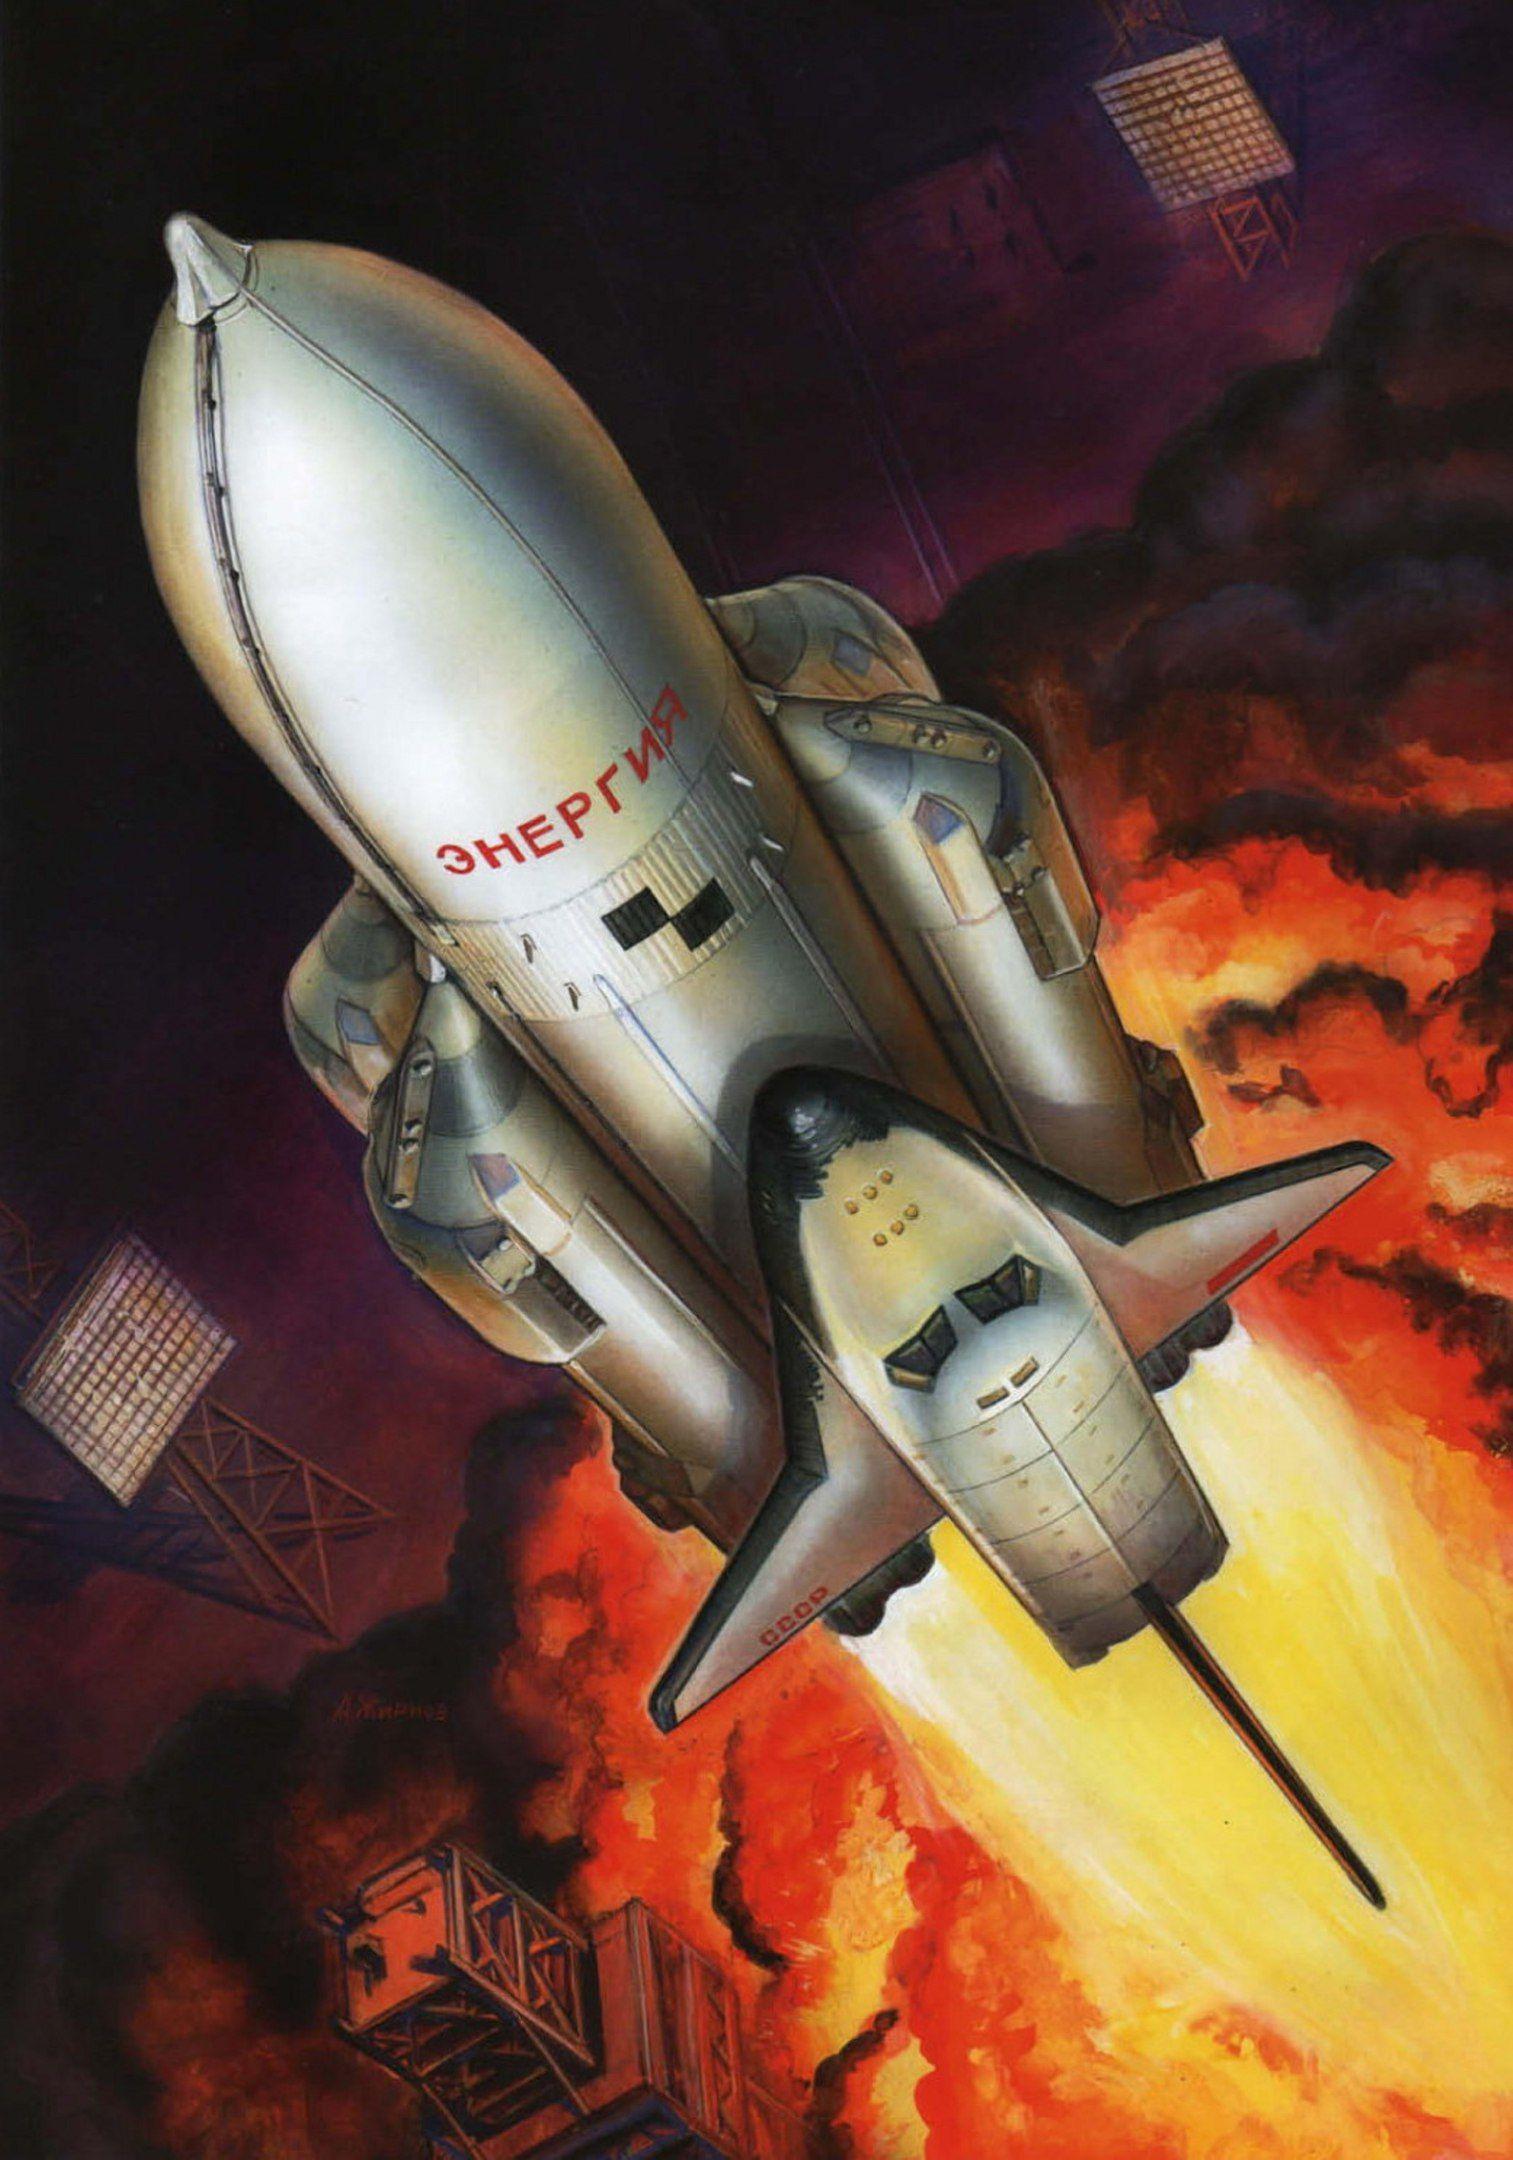 Картинки на тему авиация и космос, защитника отечества открытки